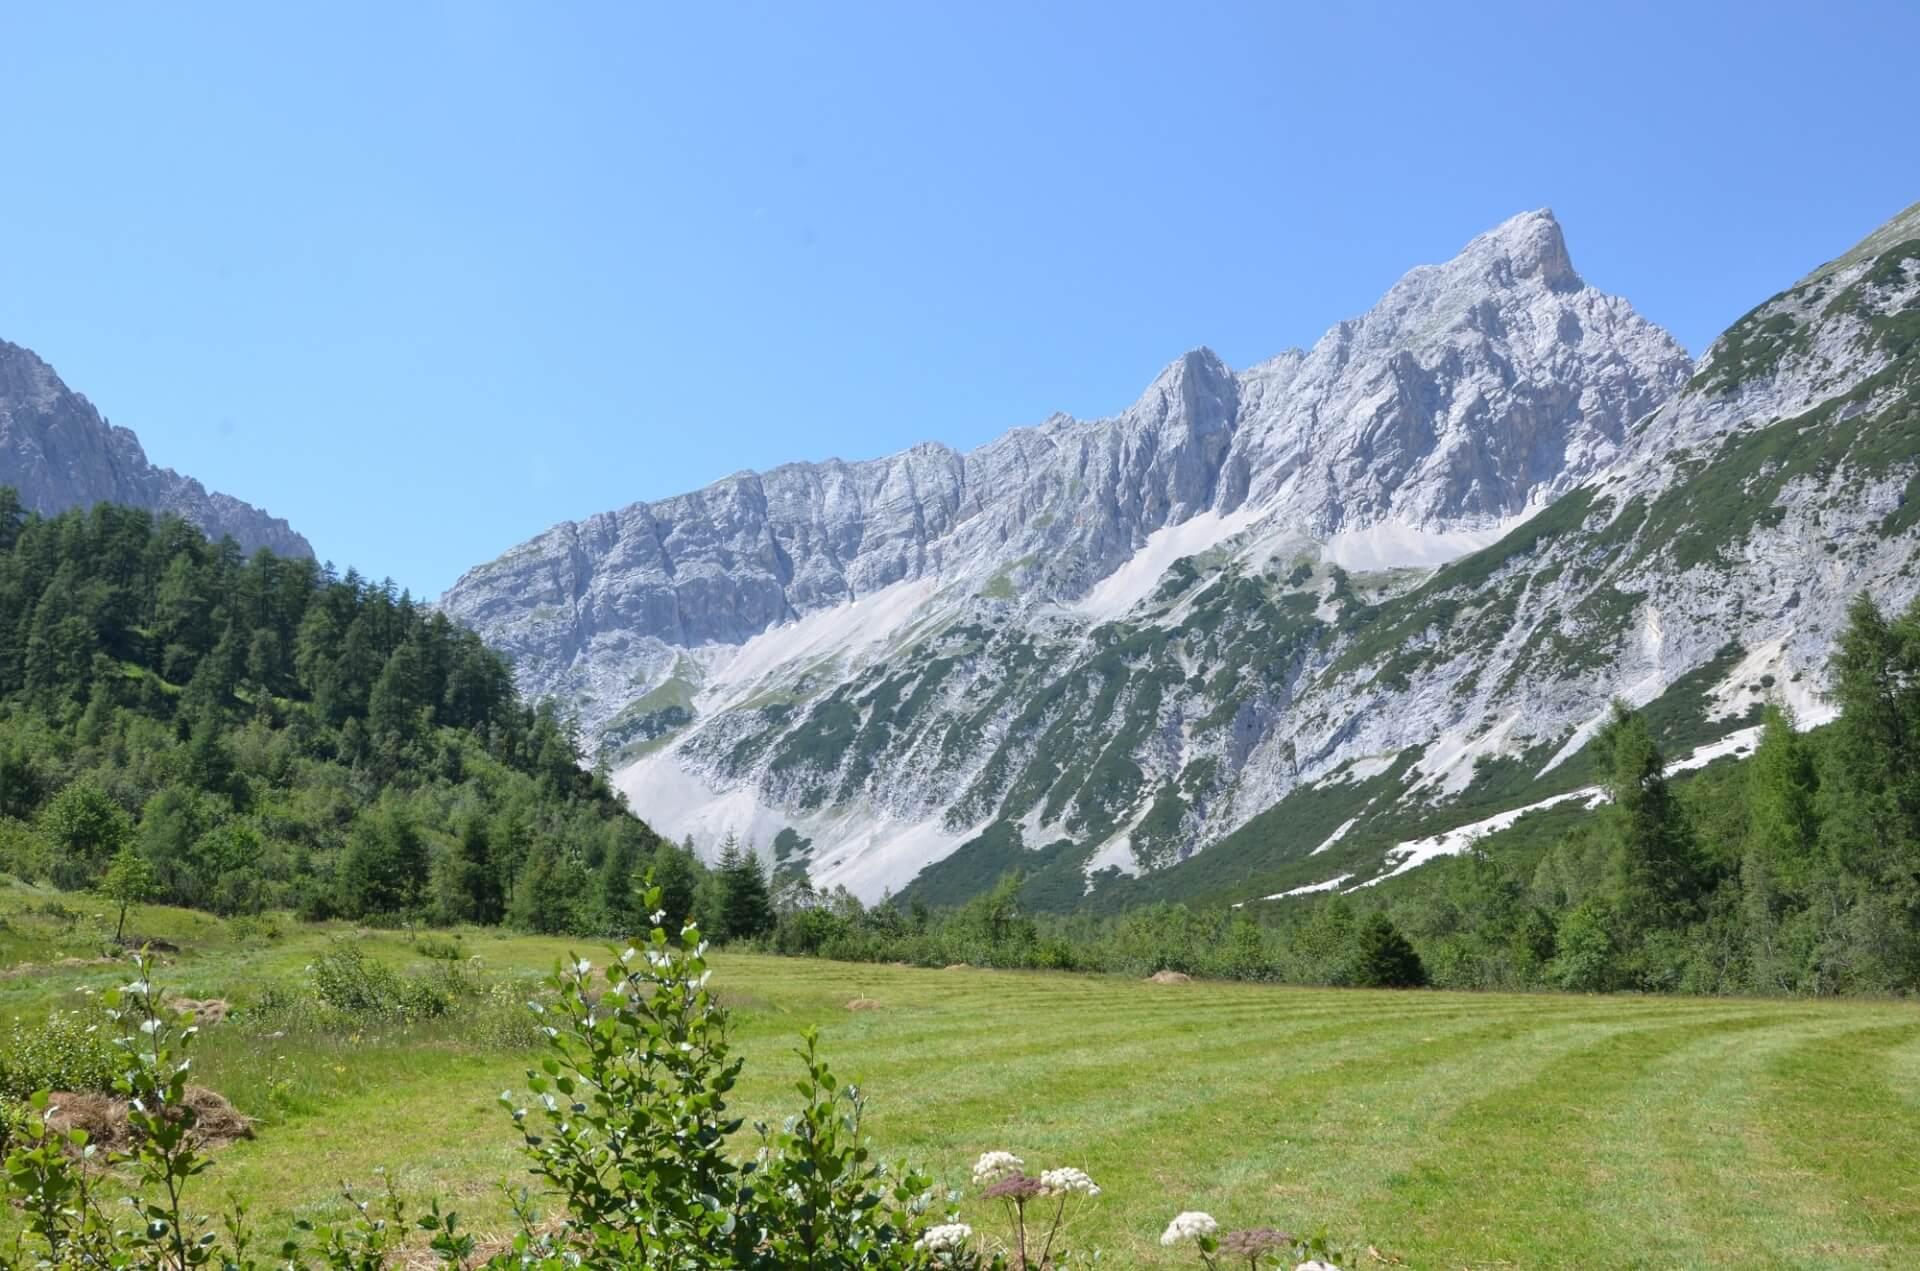 Issanger nach Biotoppflegemaßnahmen durch das Team Karwendel 2015